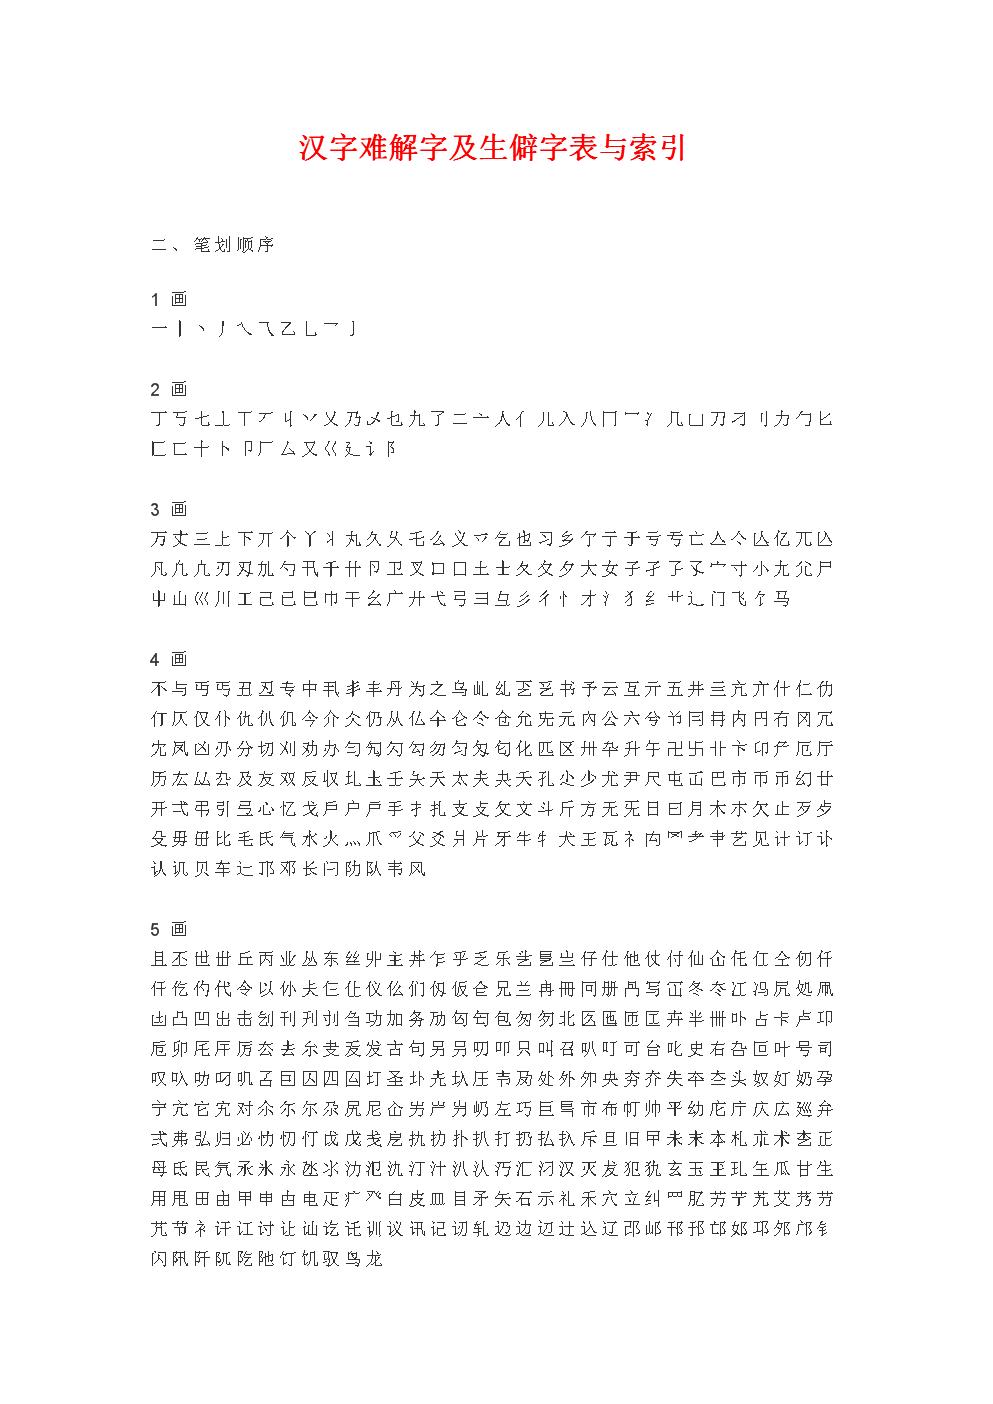 汉字难解字及生僻字表与索引microsoftword文档(2).doc图片